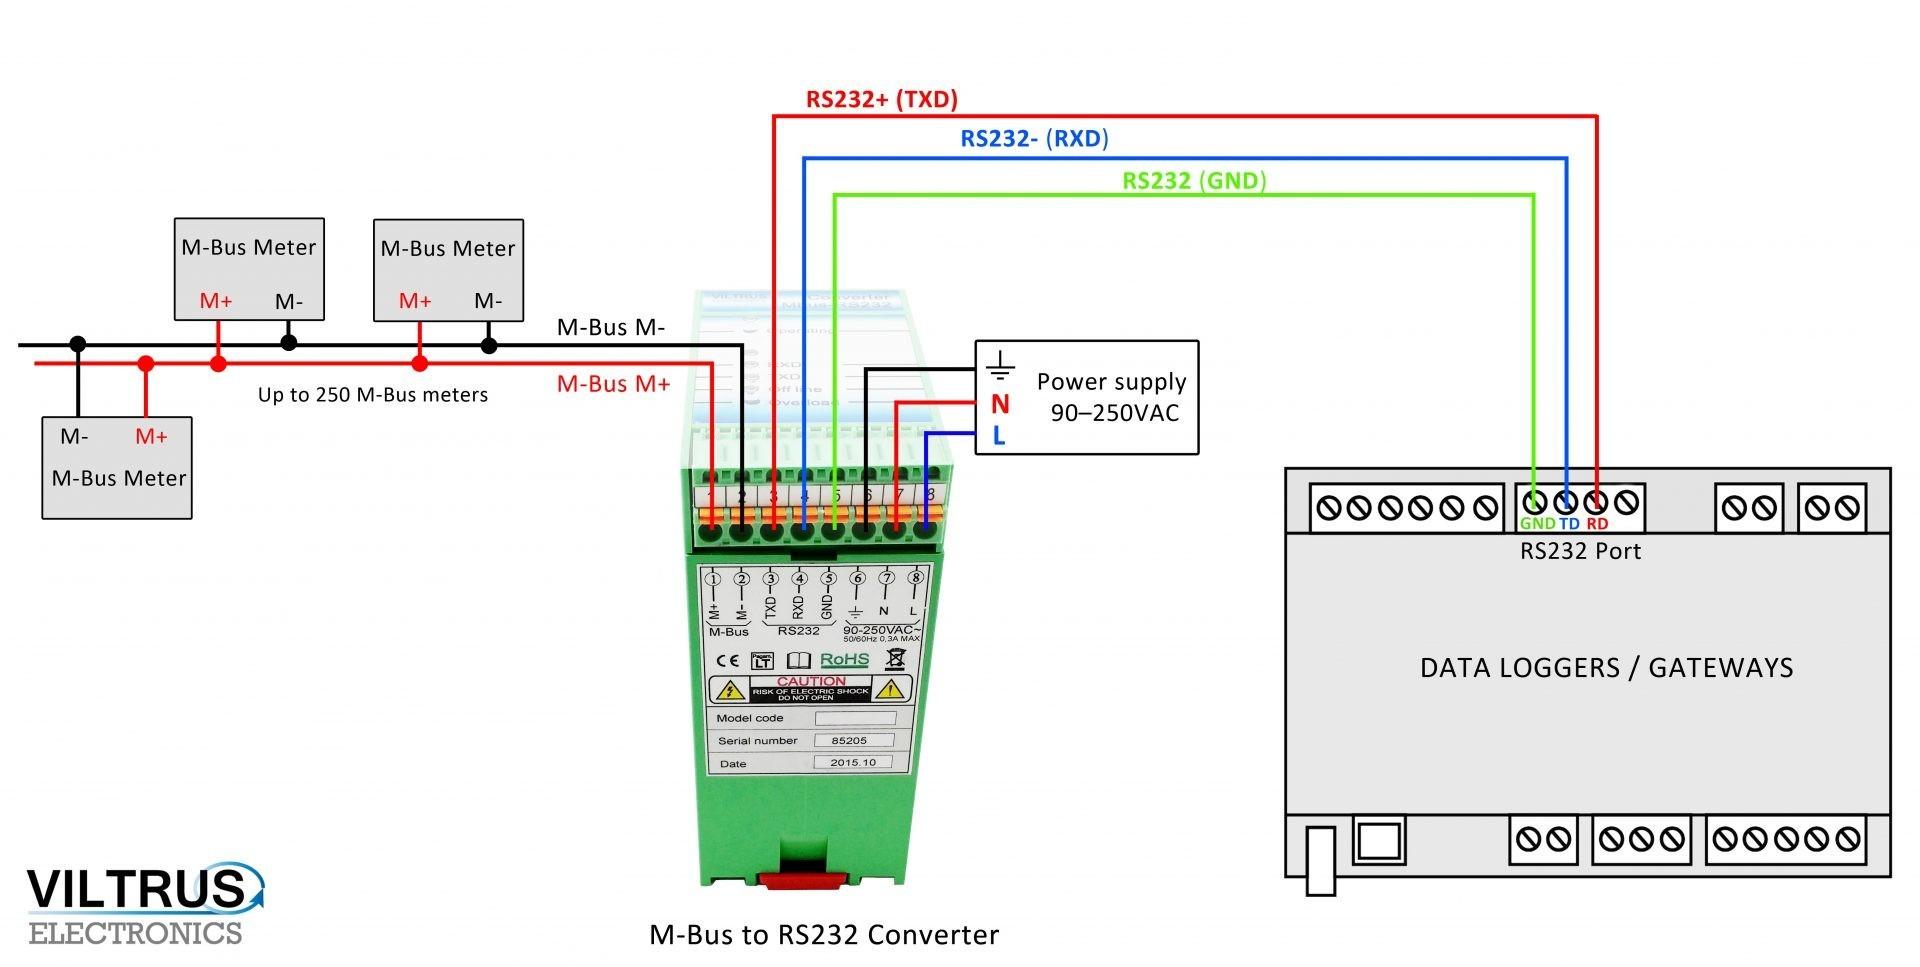 Modbus Wiring Diagrams - Wiring Diagram